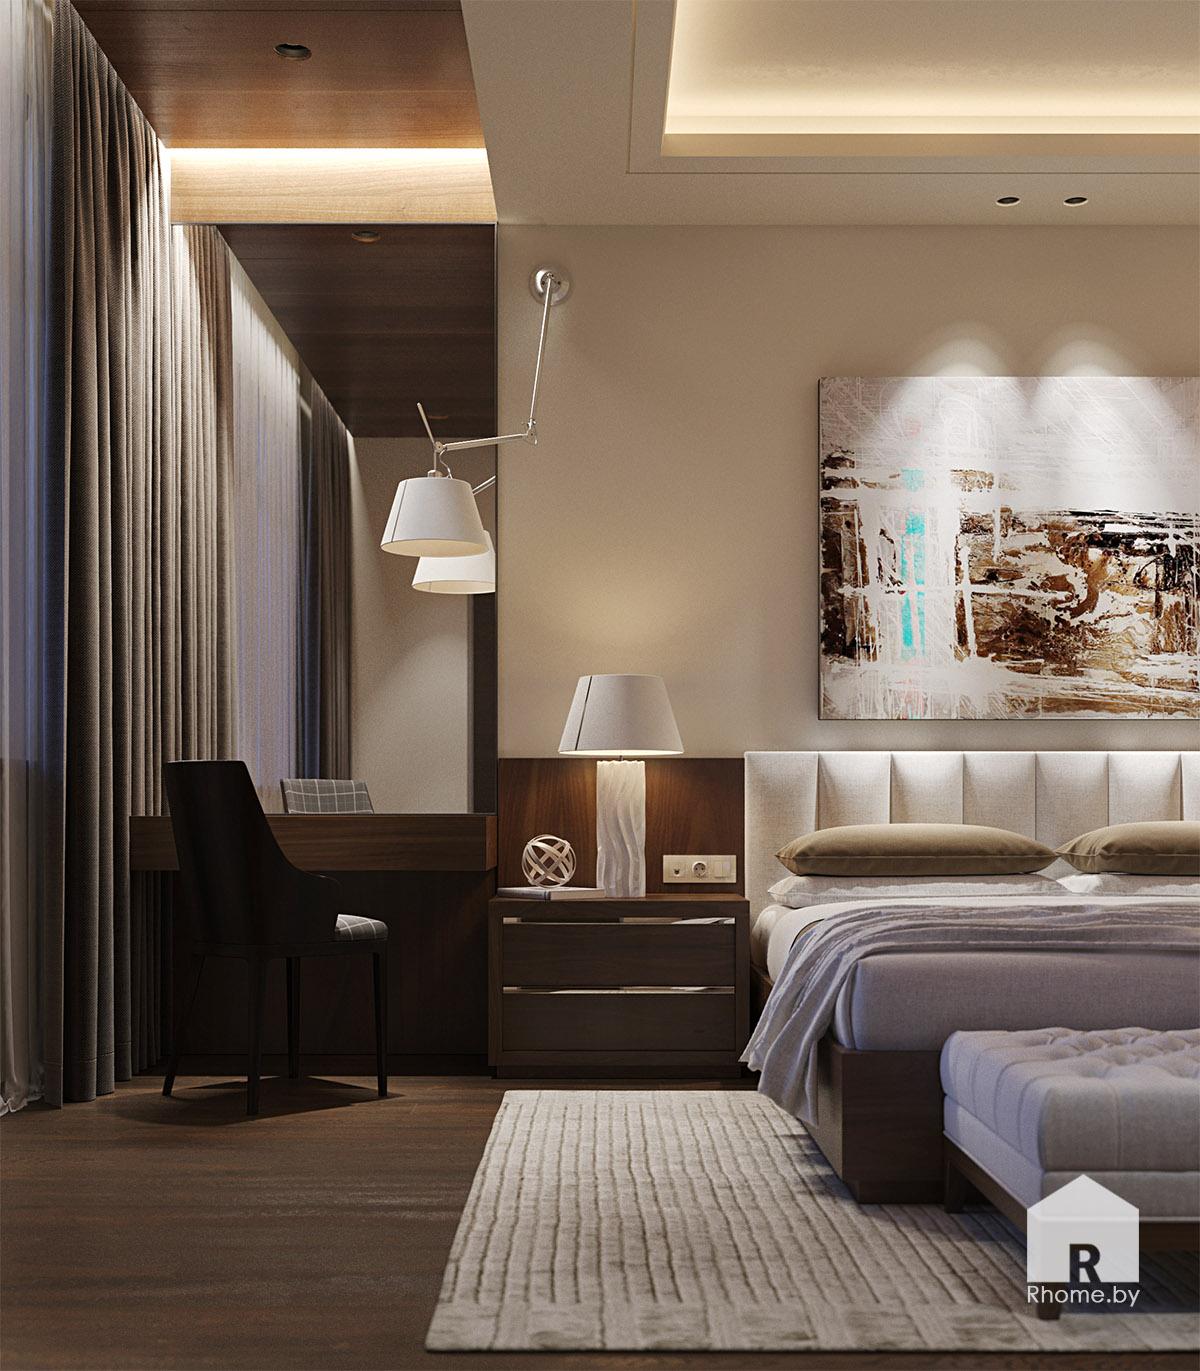 Дизайн интерьера спальни в Березовой роще   Дизайн студия – Rhome.by